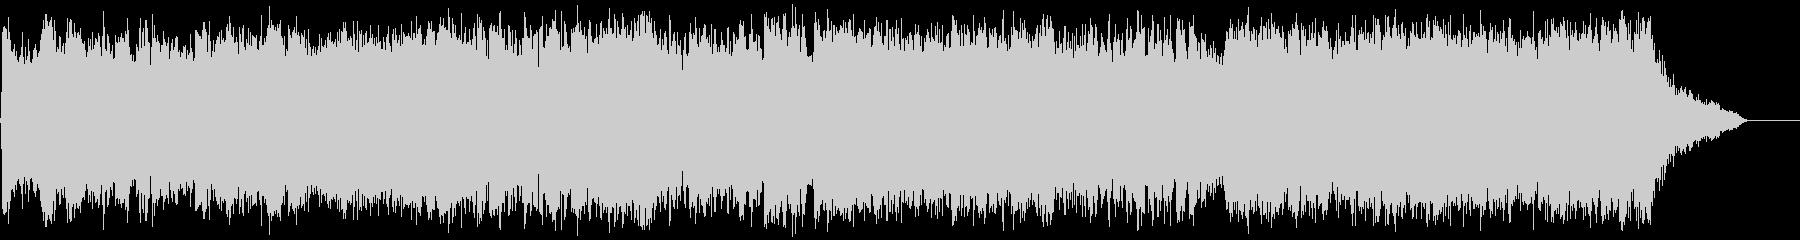 ダークファンタジーオーケストラ戦闘曲71の未再生の波形